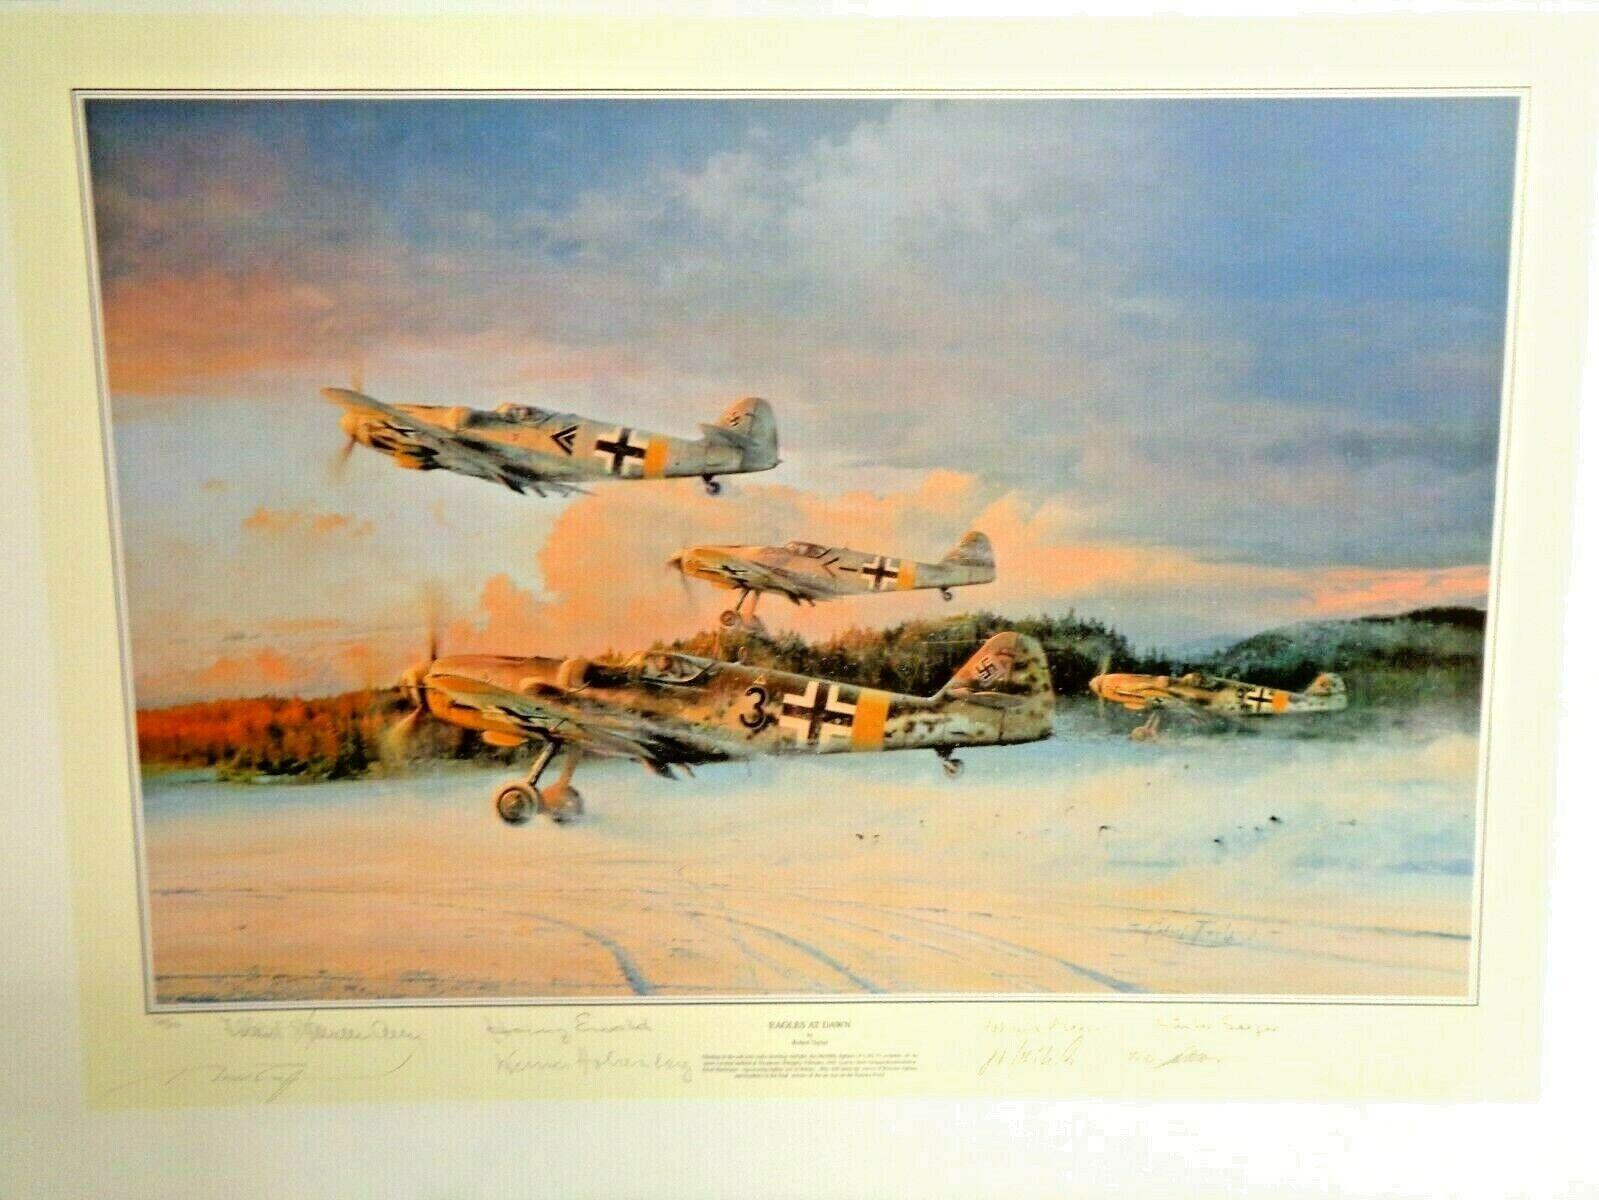 ROBERT TAYLOR FINE ART PRINT - EAGLES AT DAWN - 9 SIGNATURES W/ COA 367/850 - $725.00